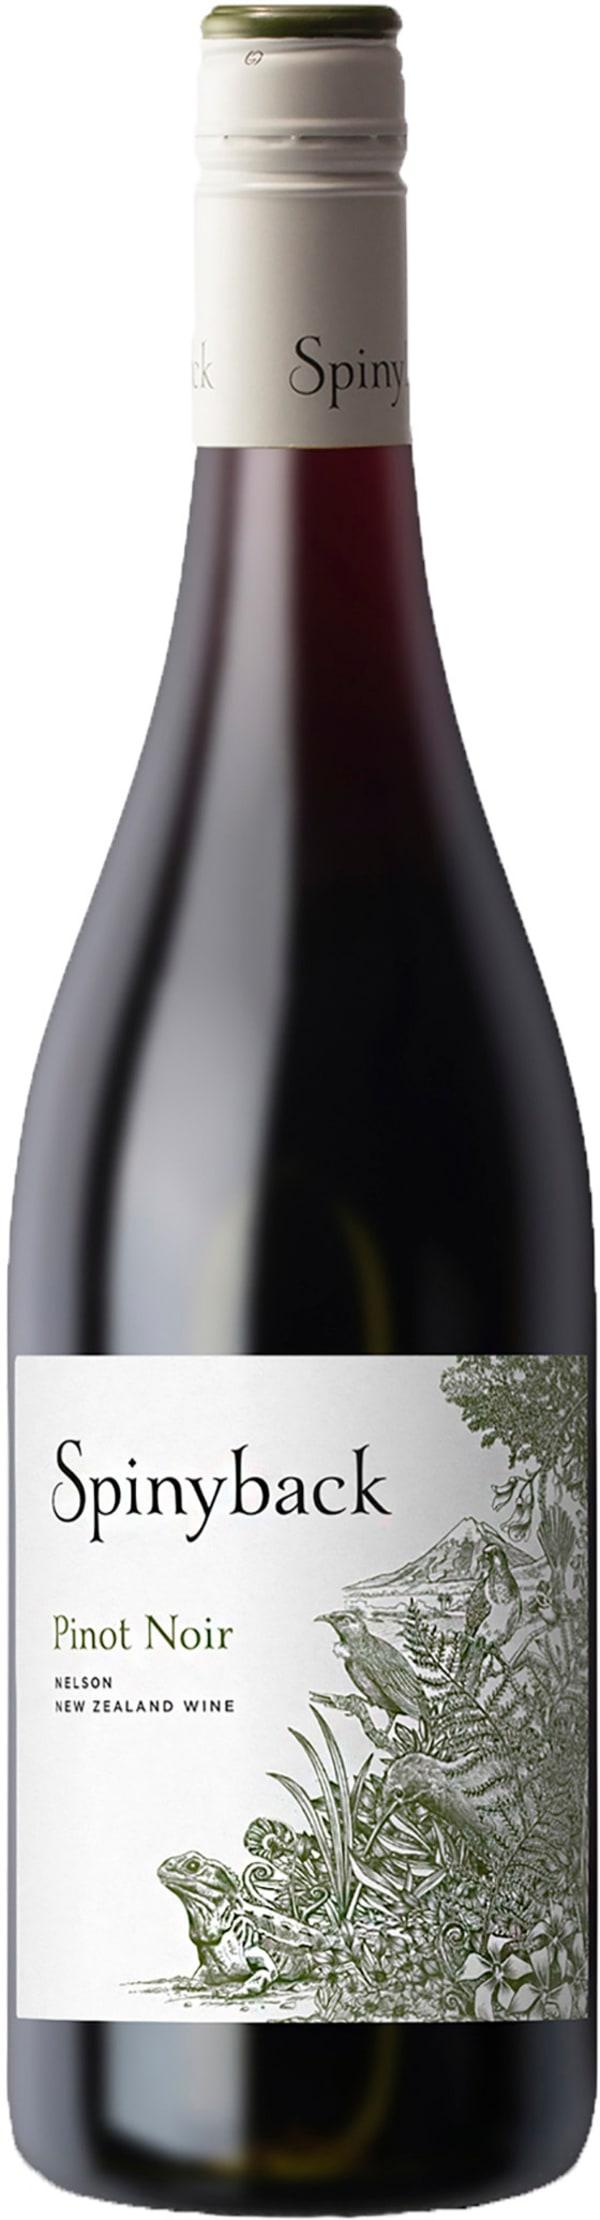 Spinyback Pinot Noir 2015